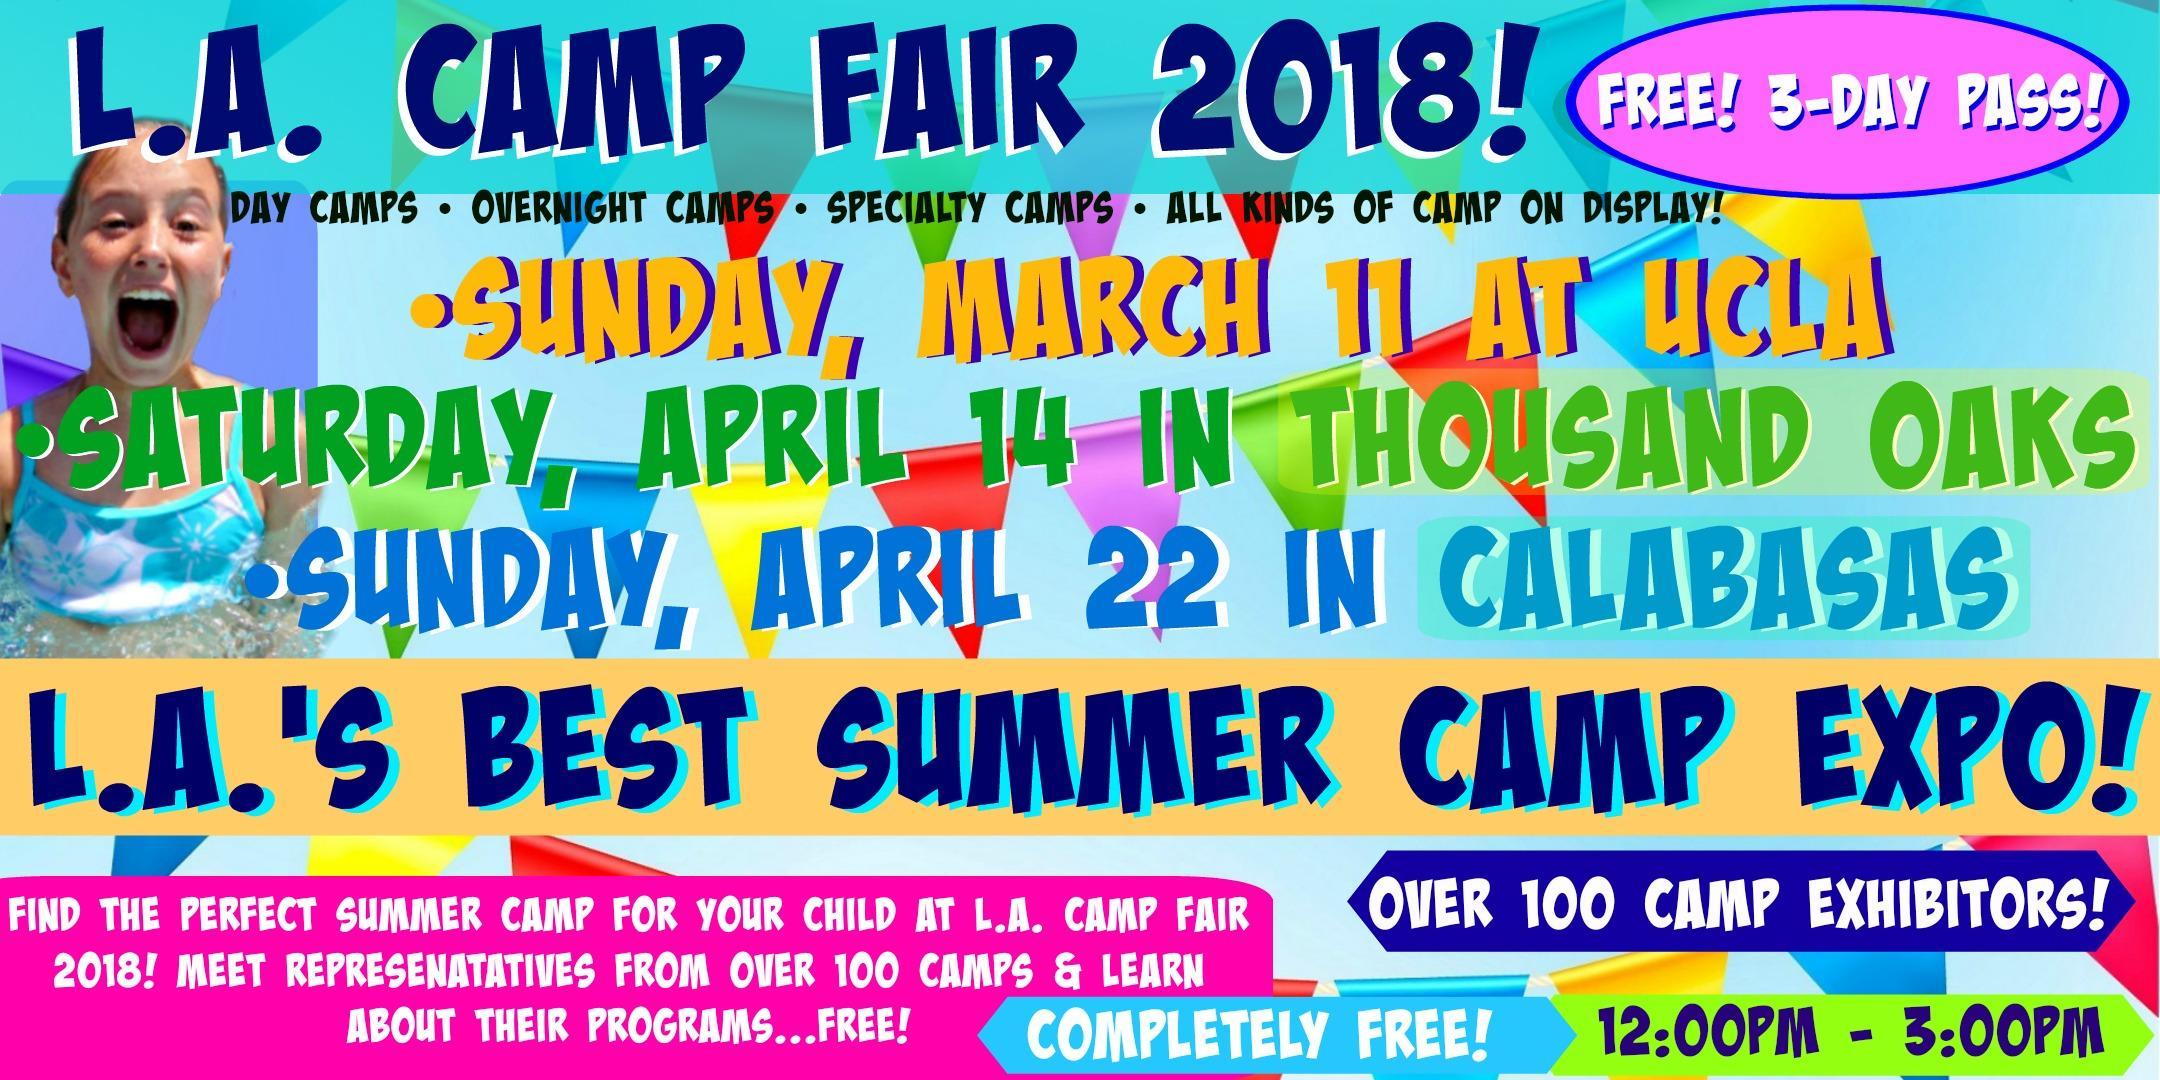 L.A. Camp Fair 2018